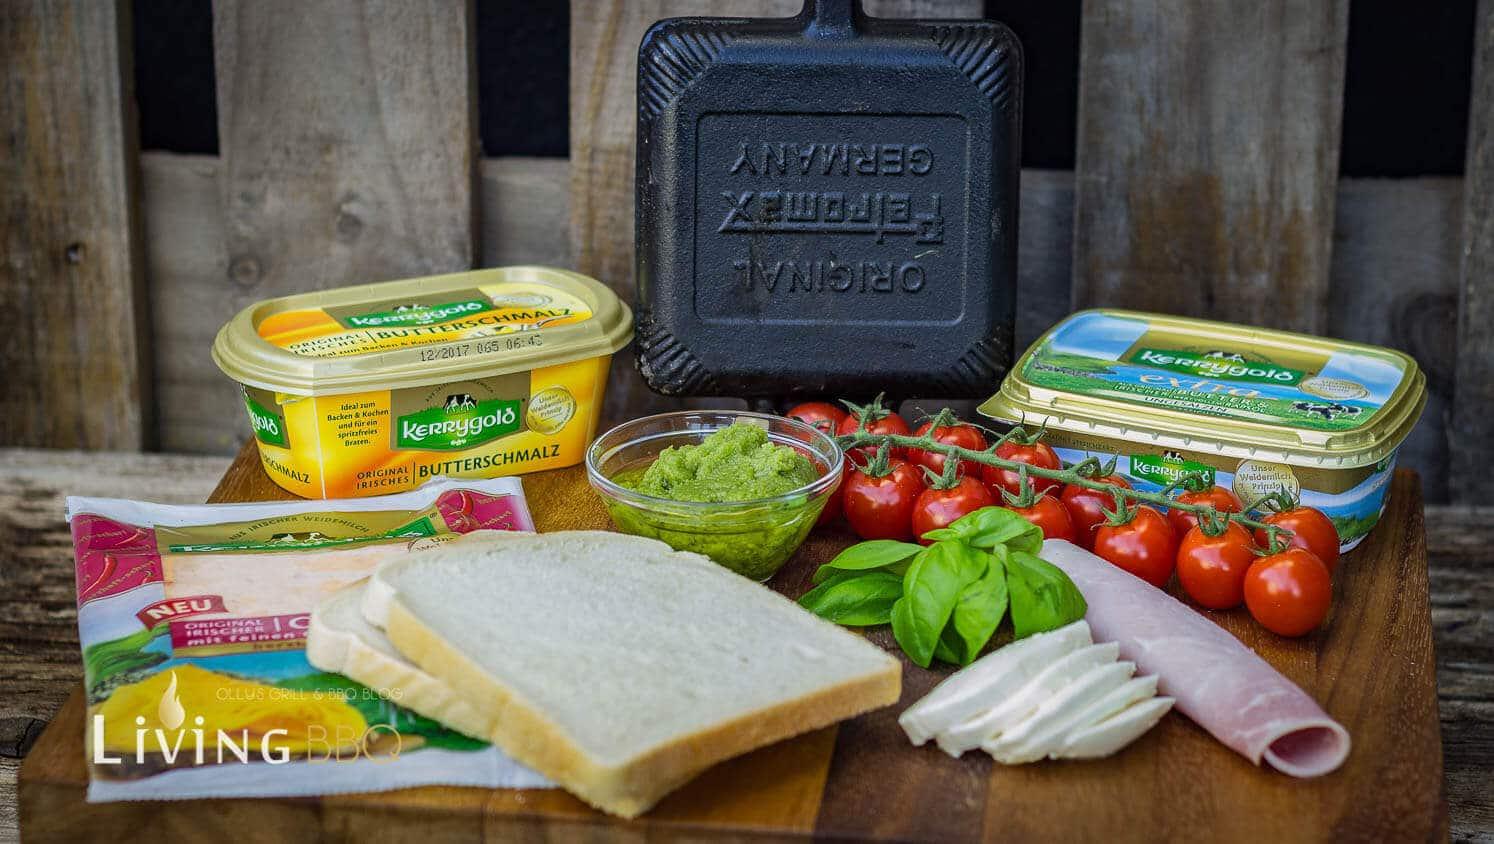 Petromax Sandwich-Eisen Sandwichmaker petromax sandwicheisen_Petromax Sandwicheisen Sandwichmaker 1 von 13